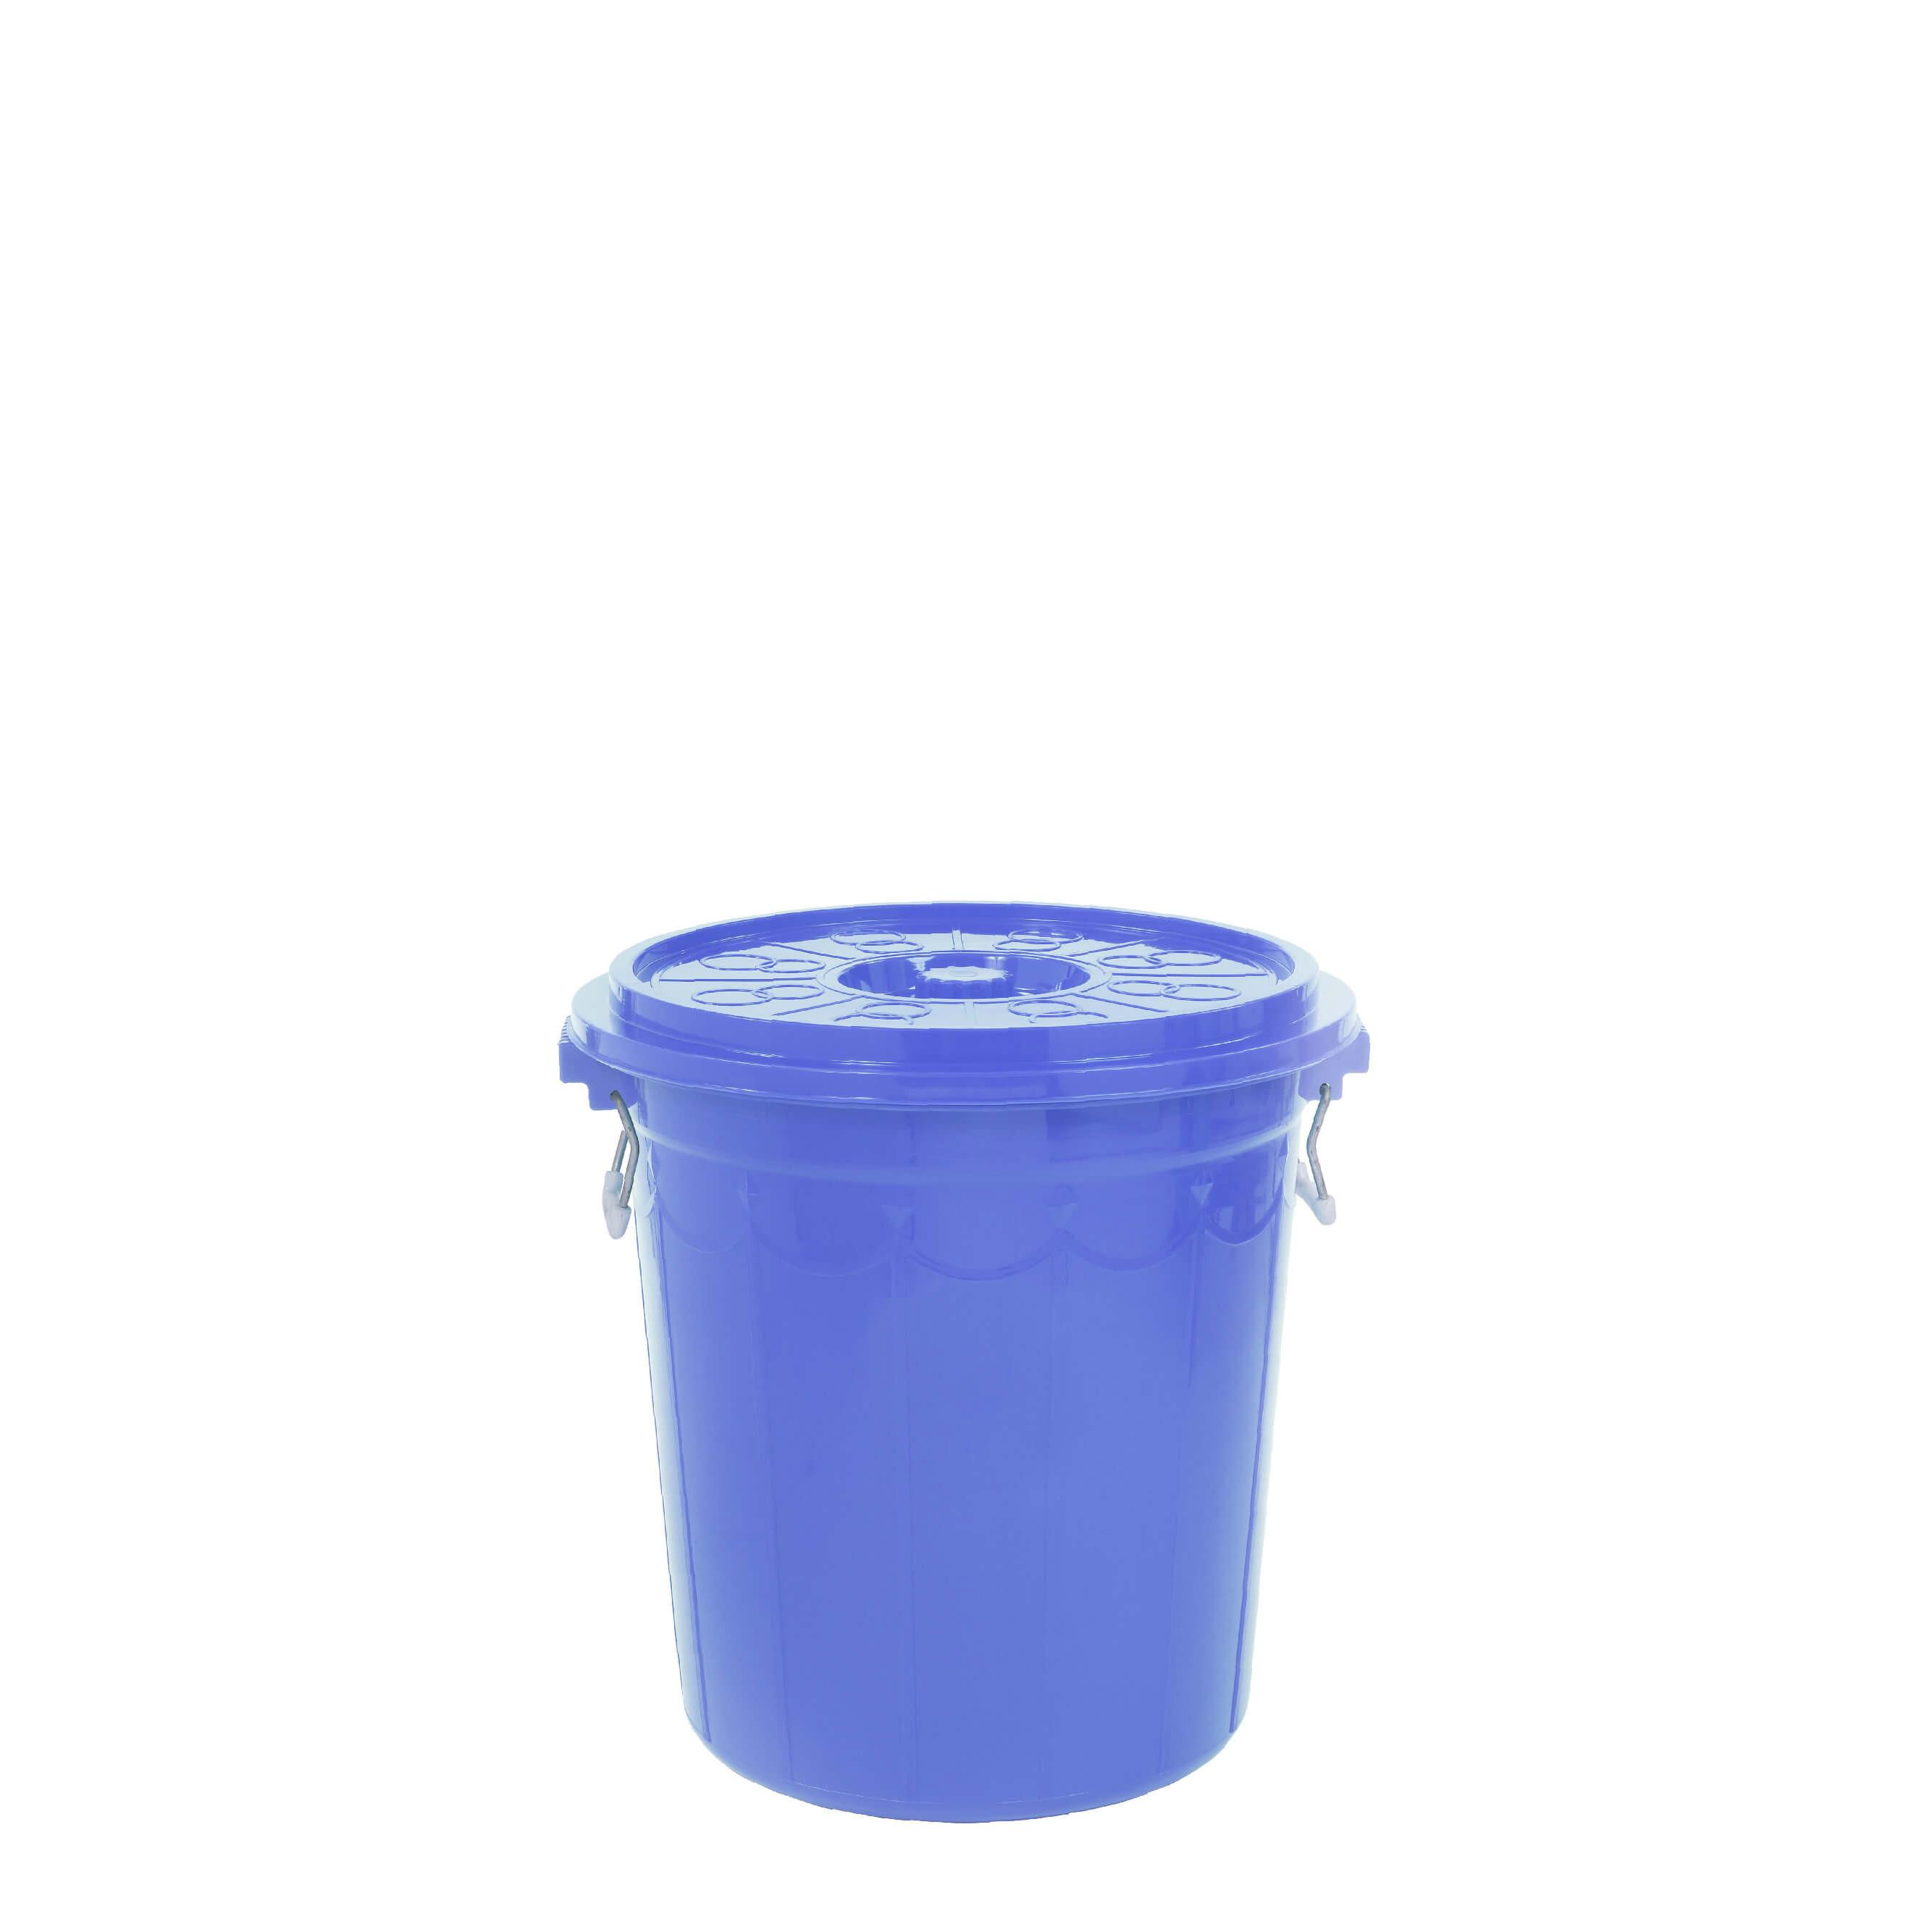 Thùng nhựa 25 lit Đại Đồng Tiến Màu Xanh Dương